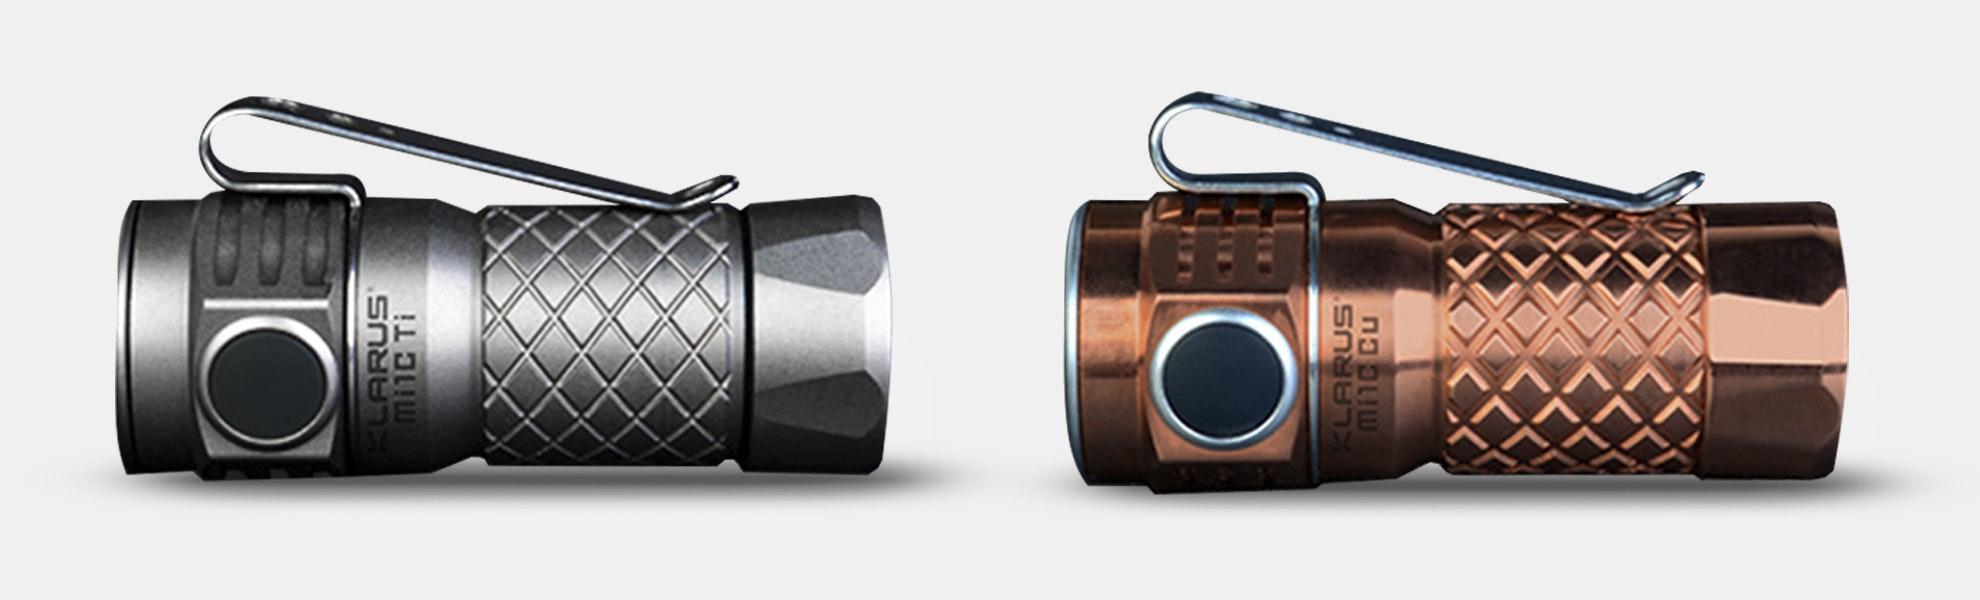 Klarus Mi1C 600-Lumen Copper/Titanium Flashlight